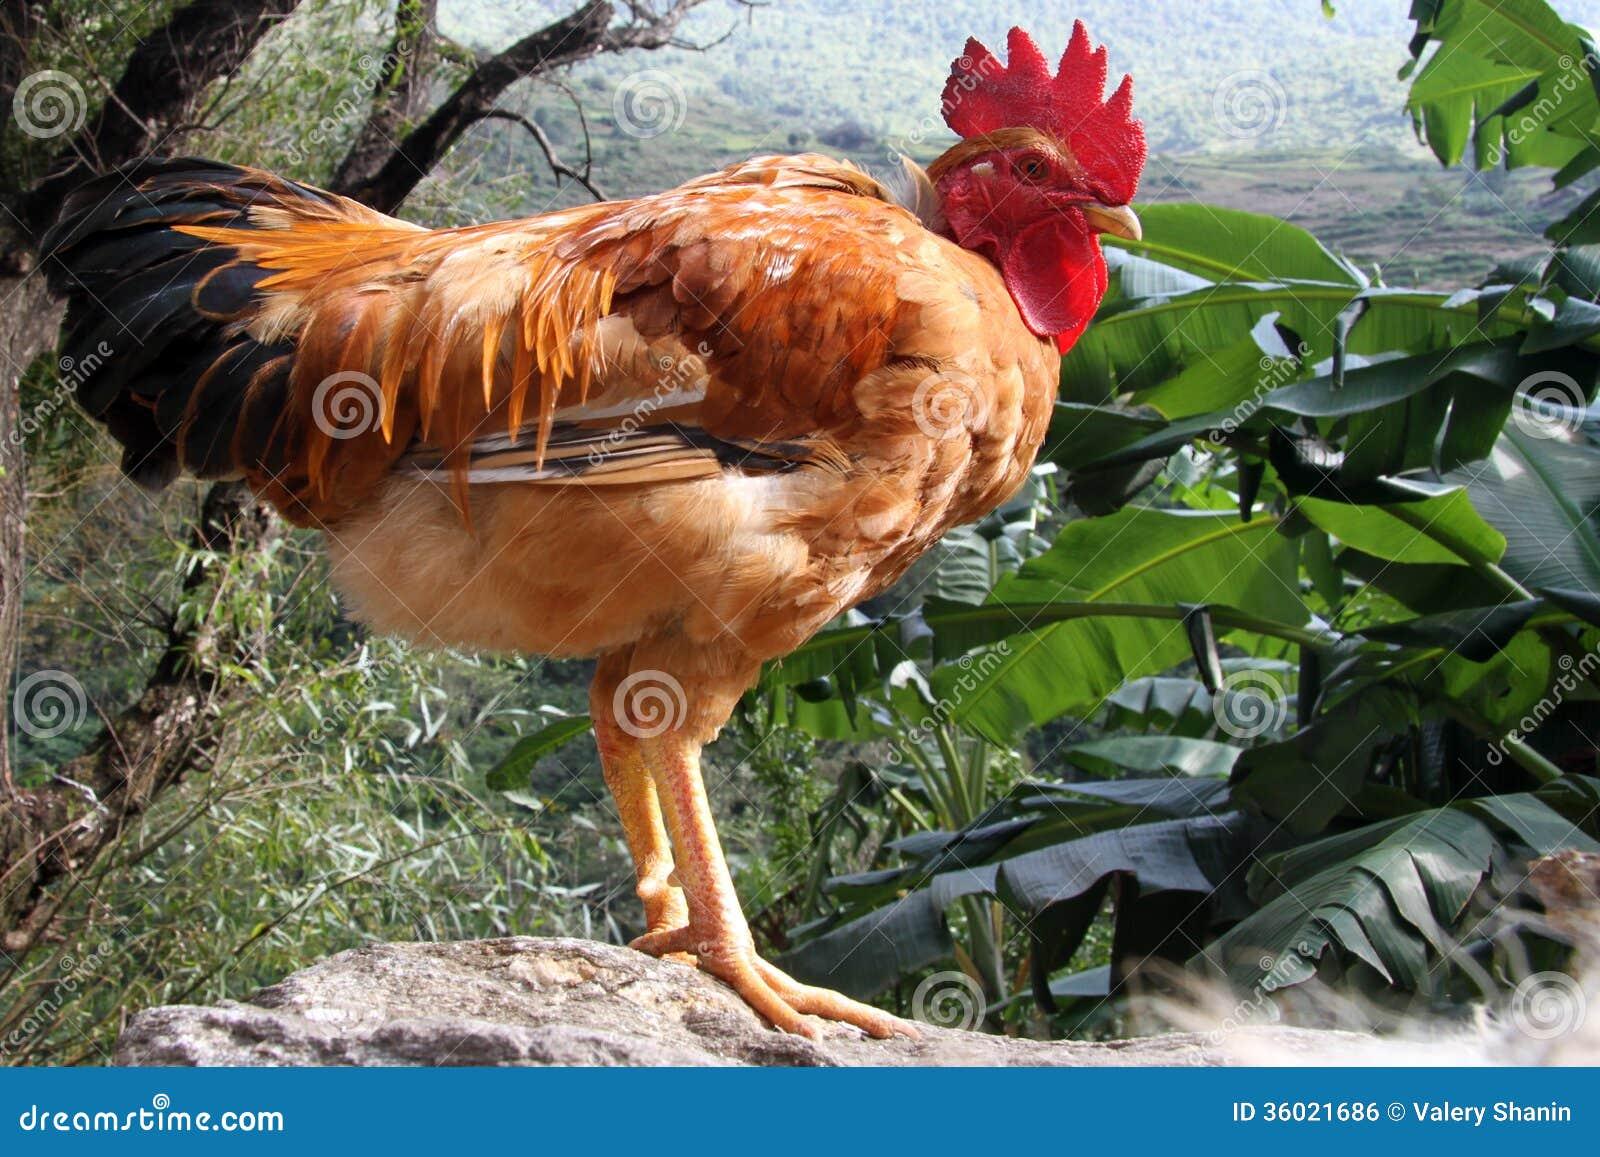 Big brown cocks